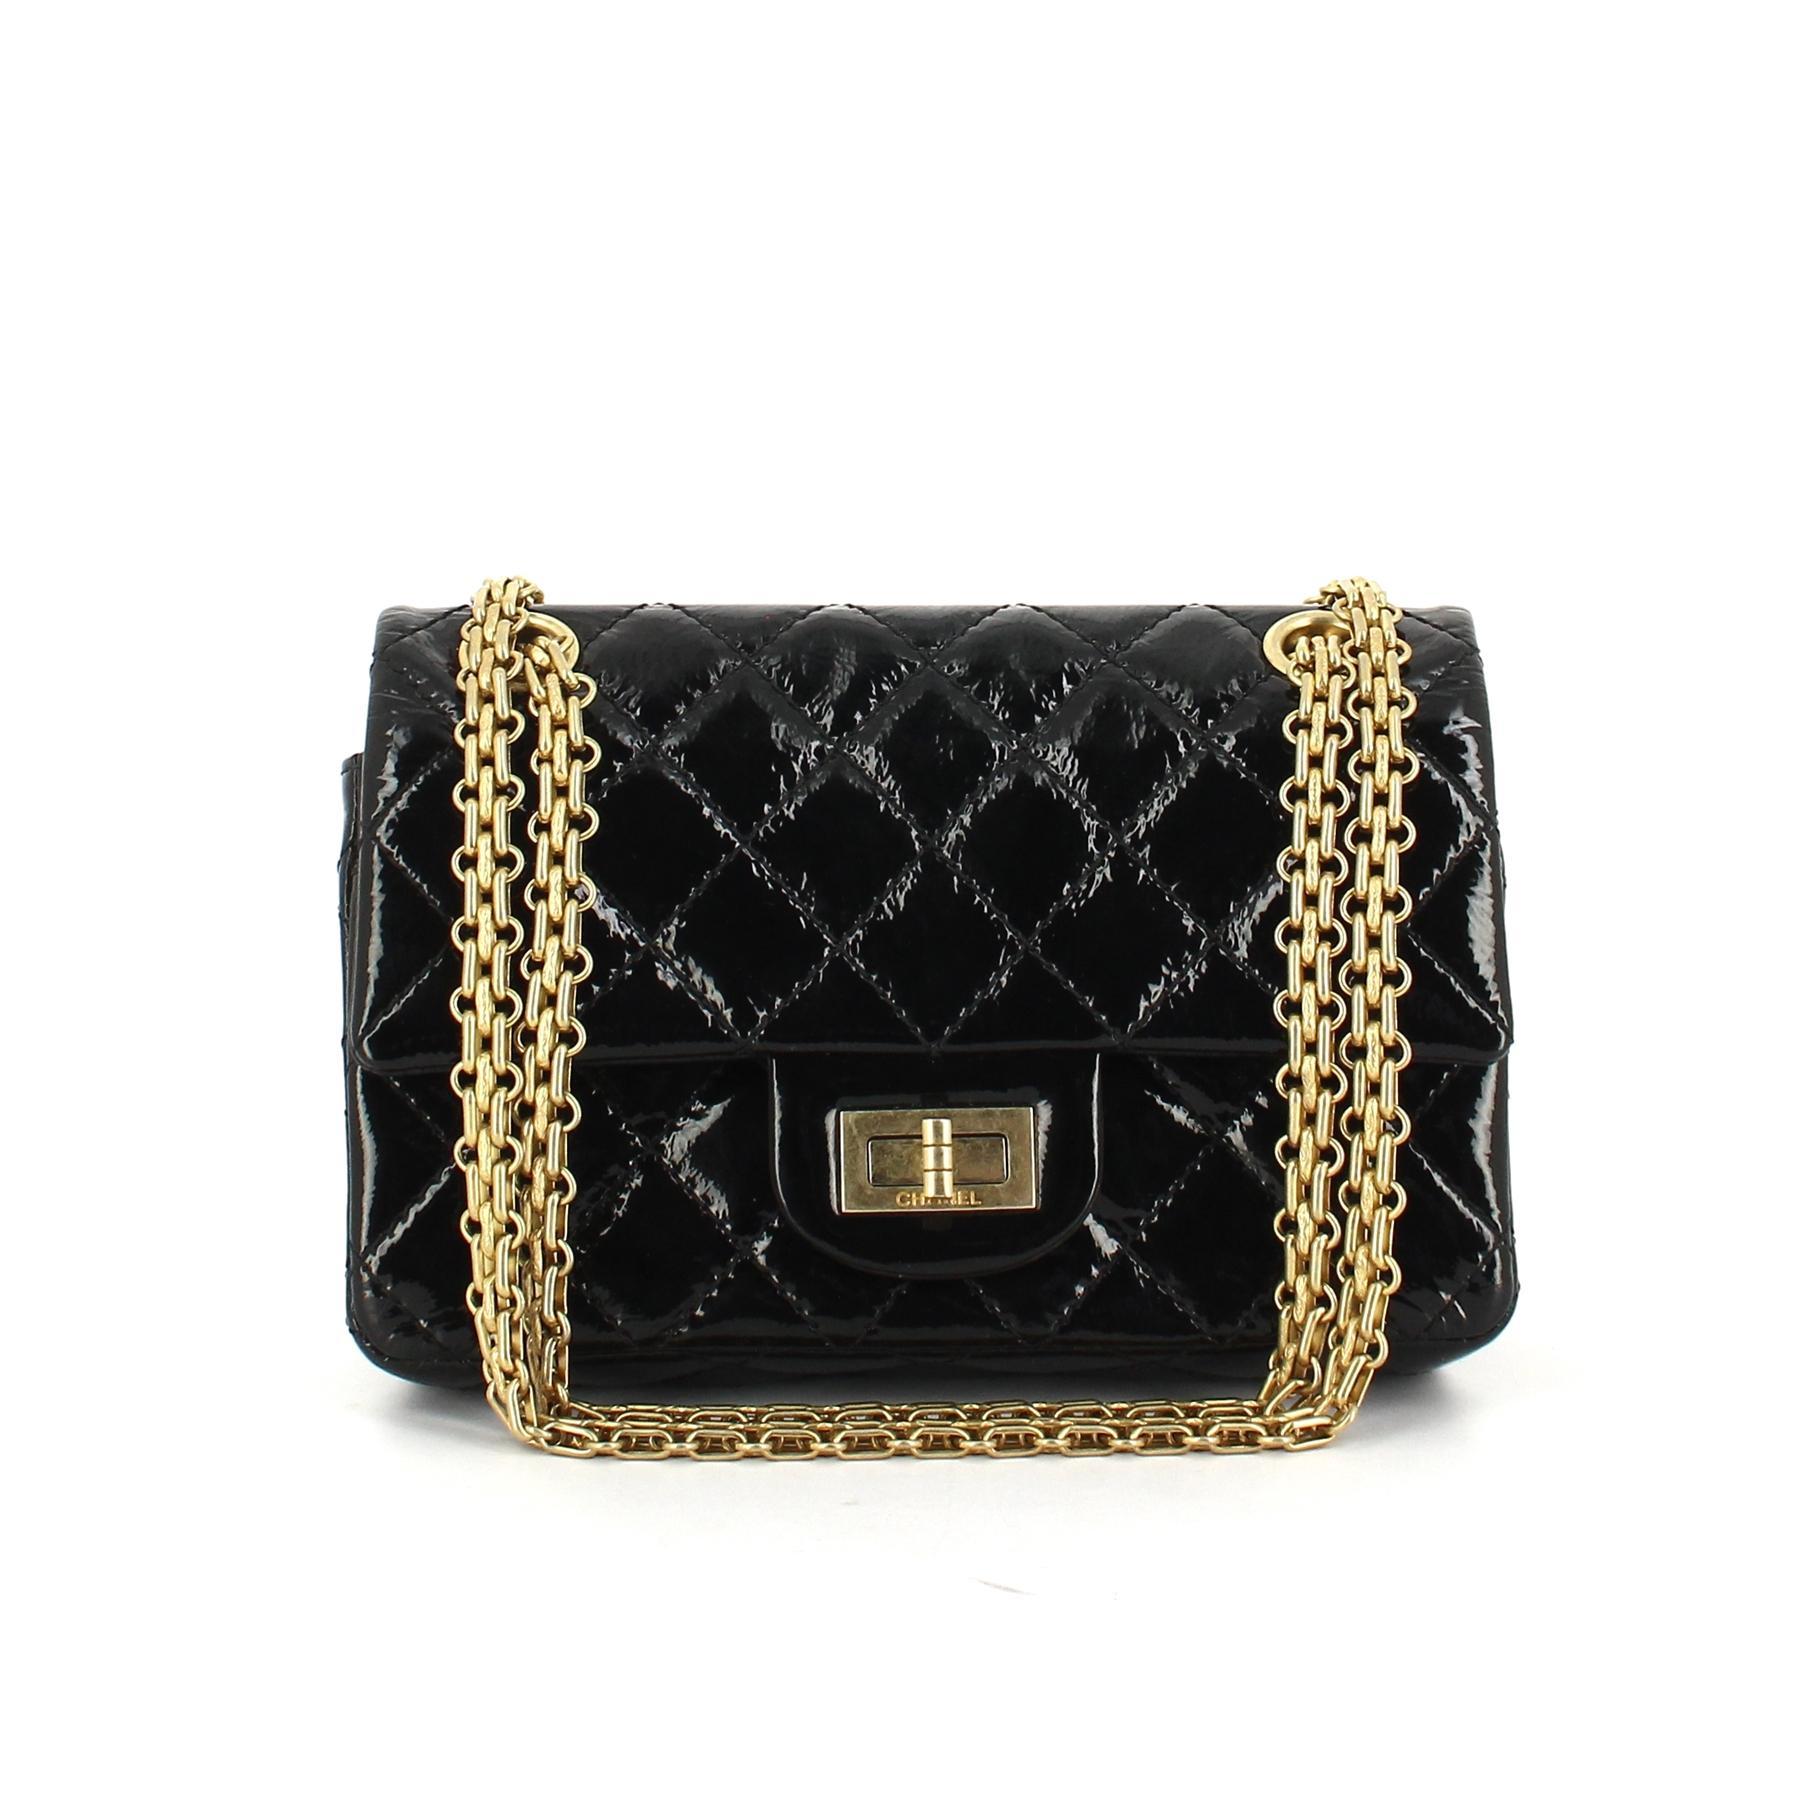 96d75ea918 Le sac 2.55 : les secrets de Coco Chanel à portée de main de toutes les  femmes